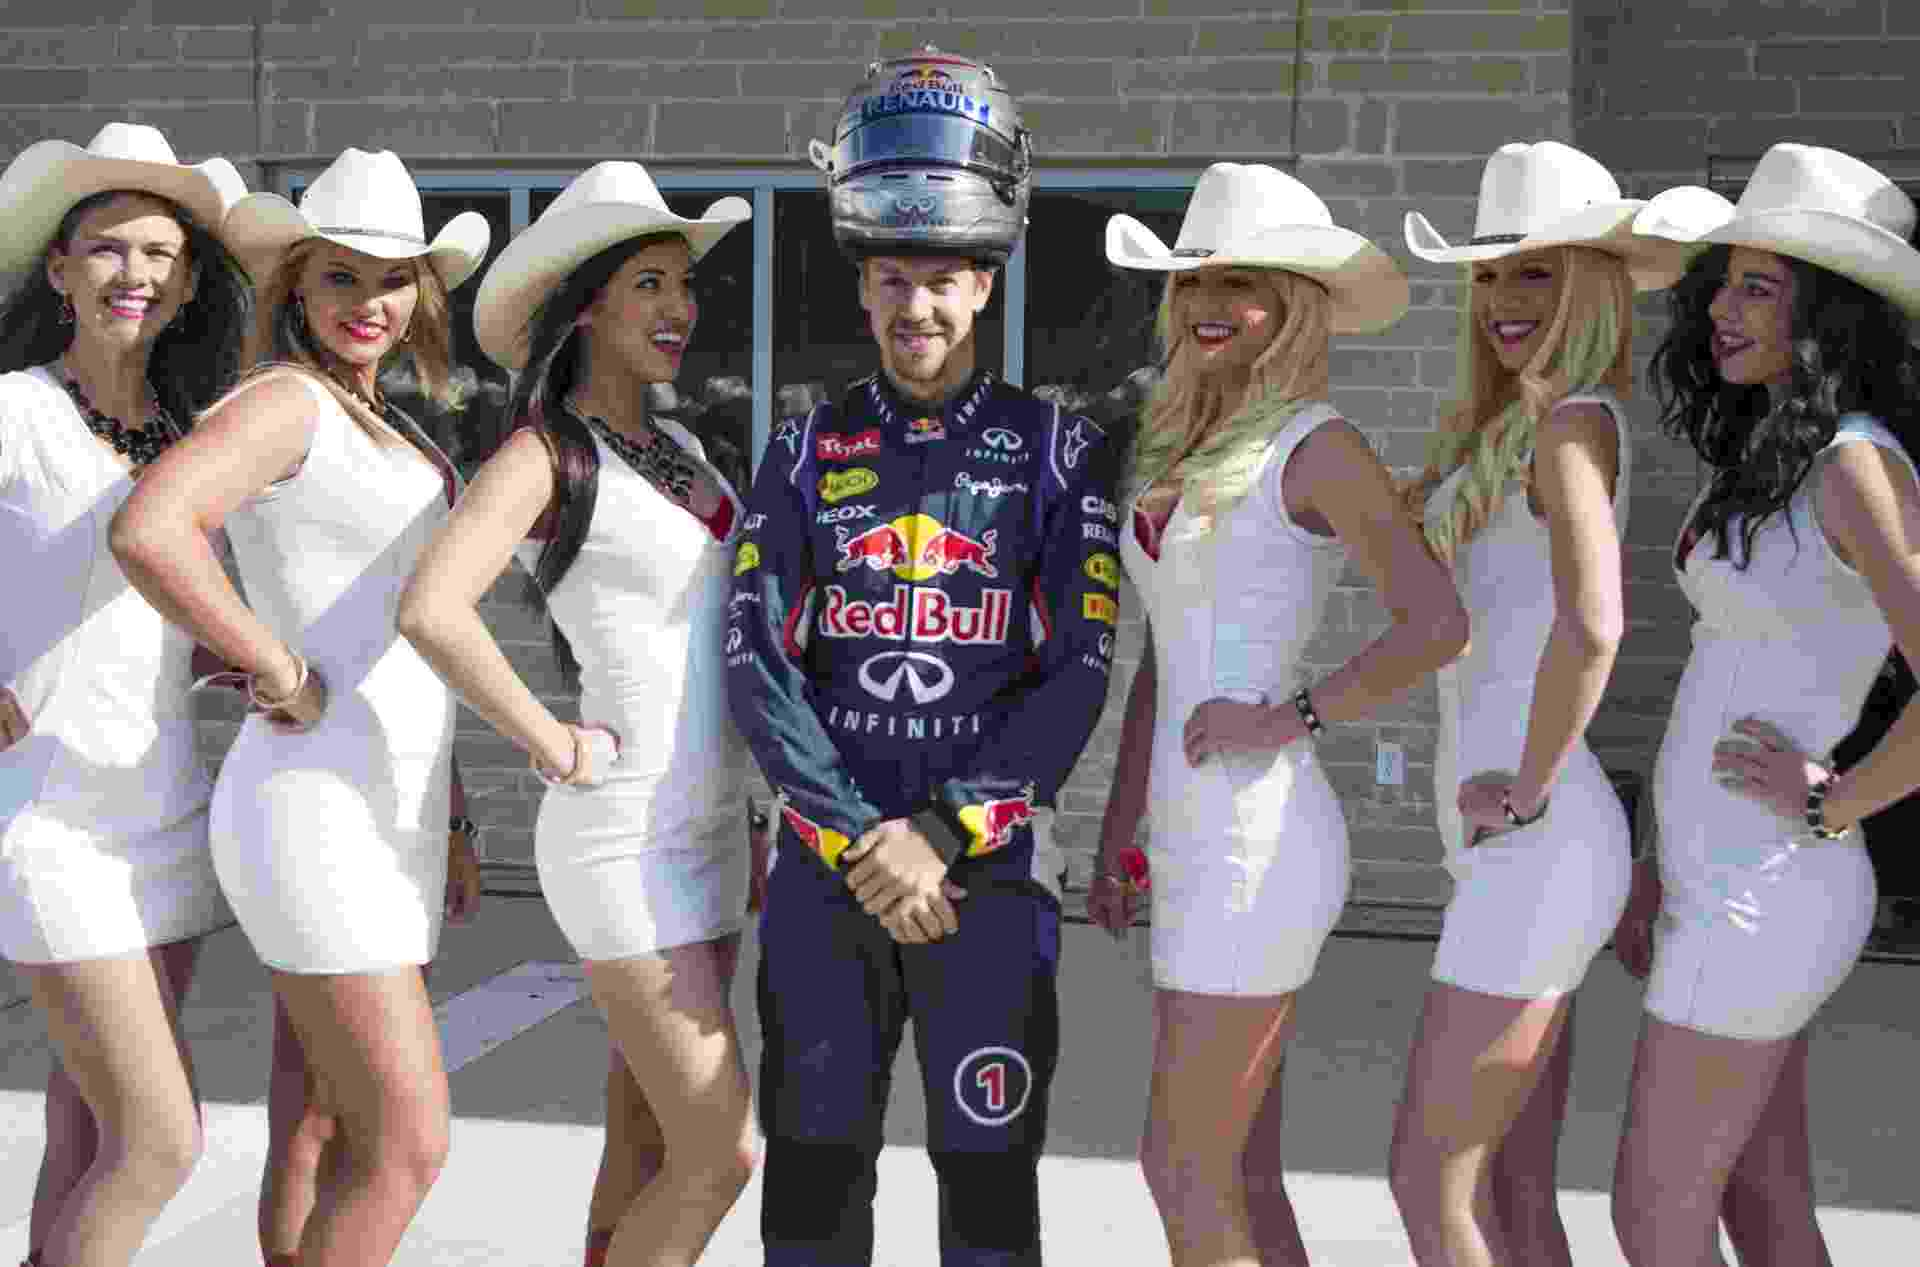 Sebastian Vettel, tetracampeão pela Red Bull, posa para fotos com cowgirls que promovem o GP dos EUA, no Texas - undefined